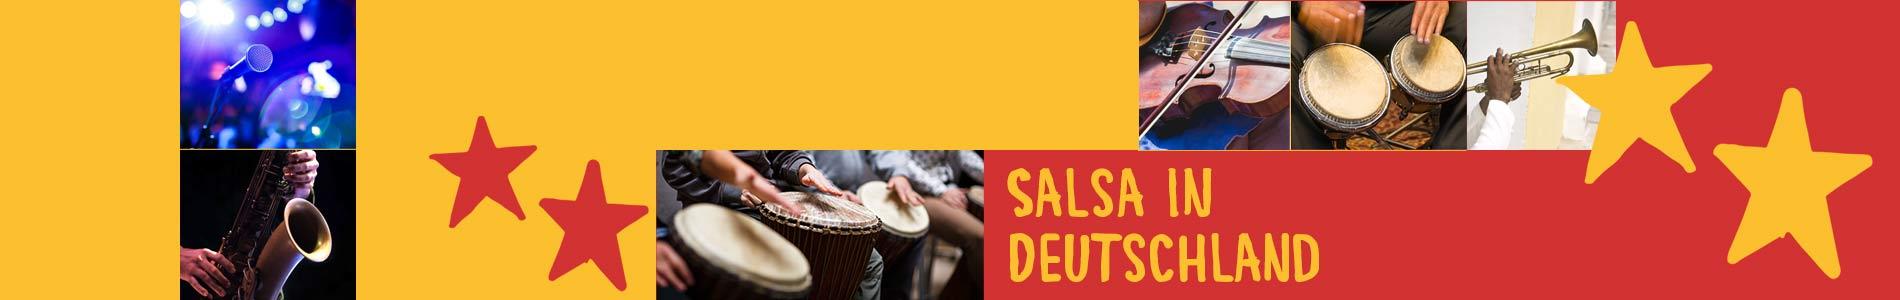 Salsa in Burghaun – Salsa lernen und tanzen, Tanzkurse, Partys, Veranstaltungen